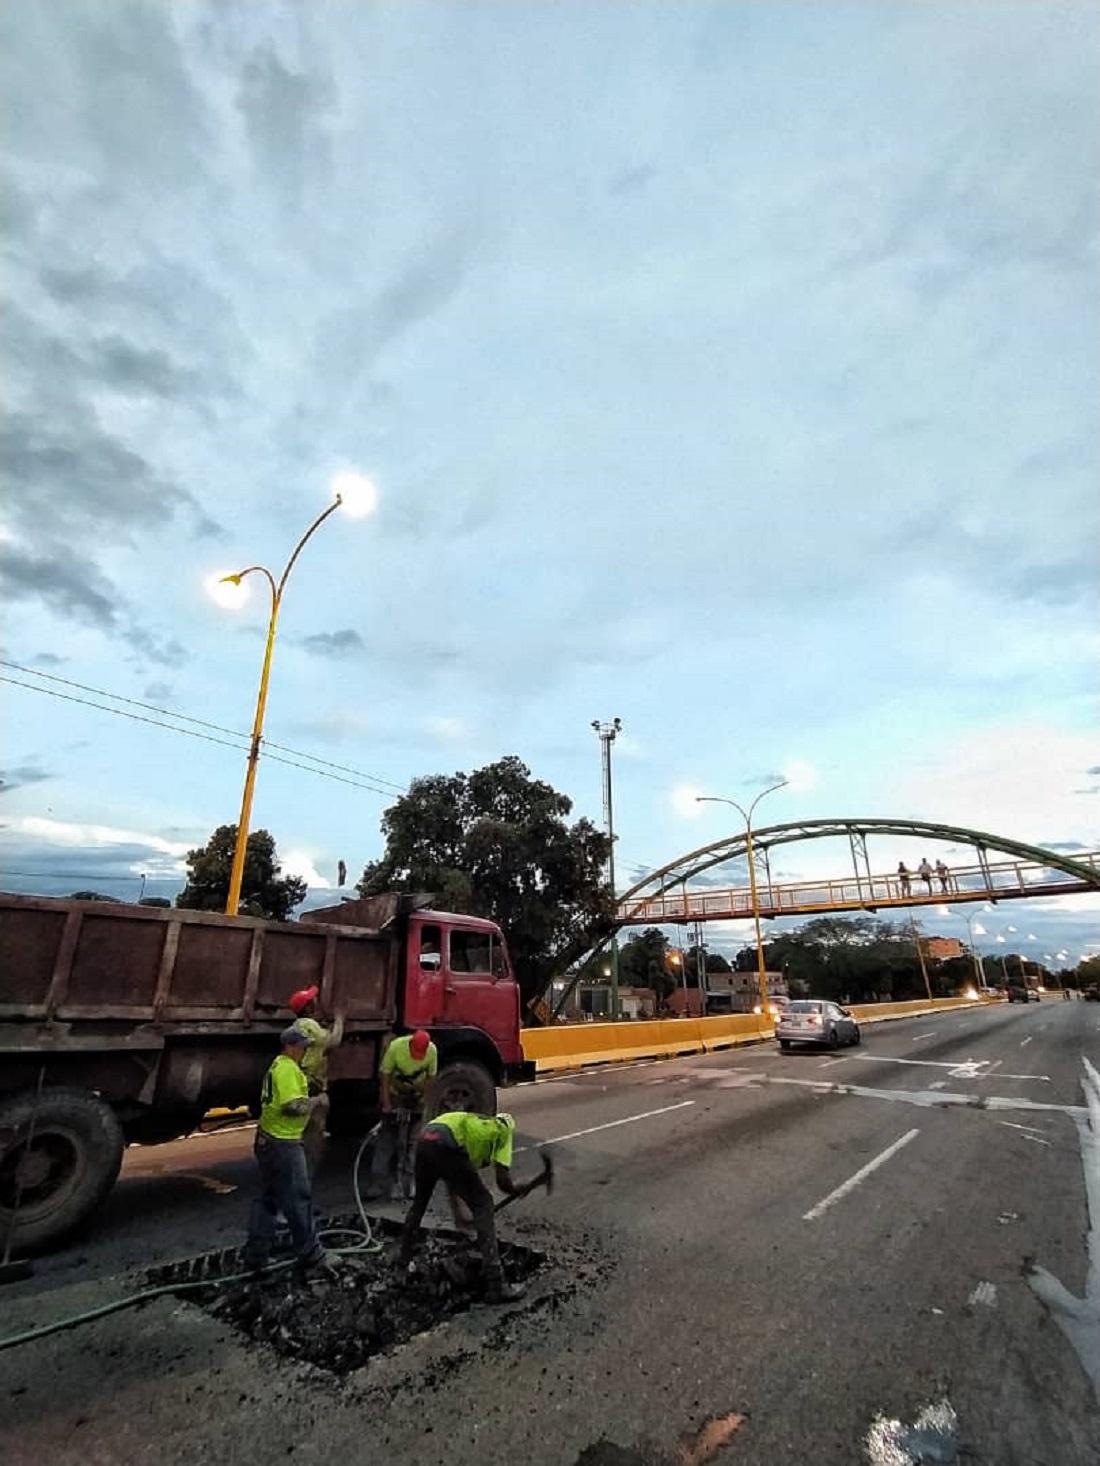 Plan de Mantenimiento Vial en Autopista del Sur - Plan de Mantenimiento Vial en Autopista del Sur